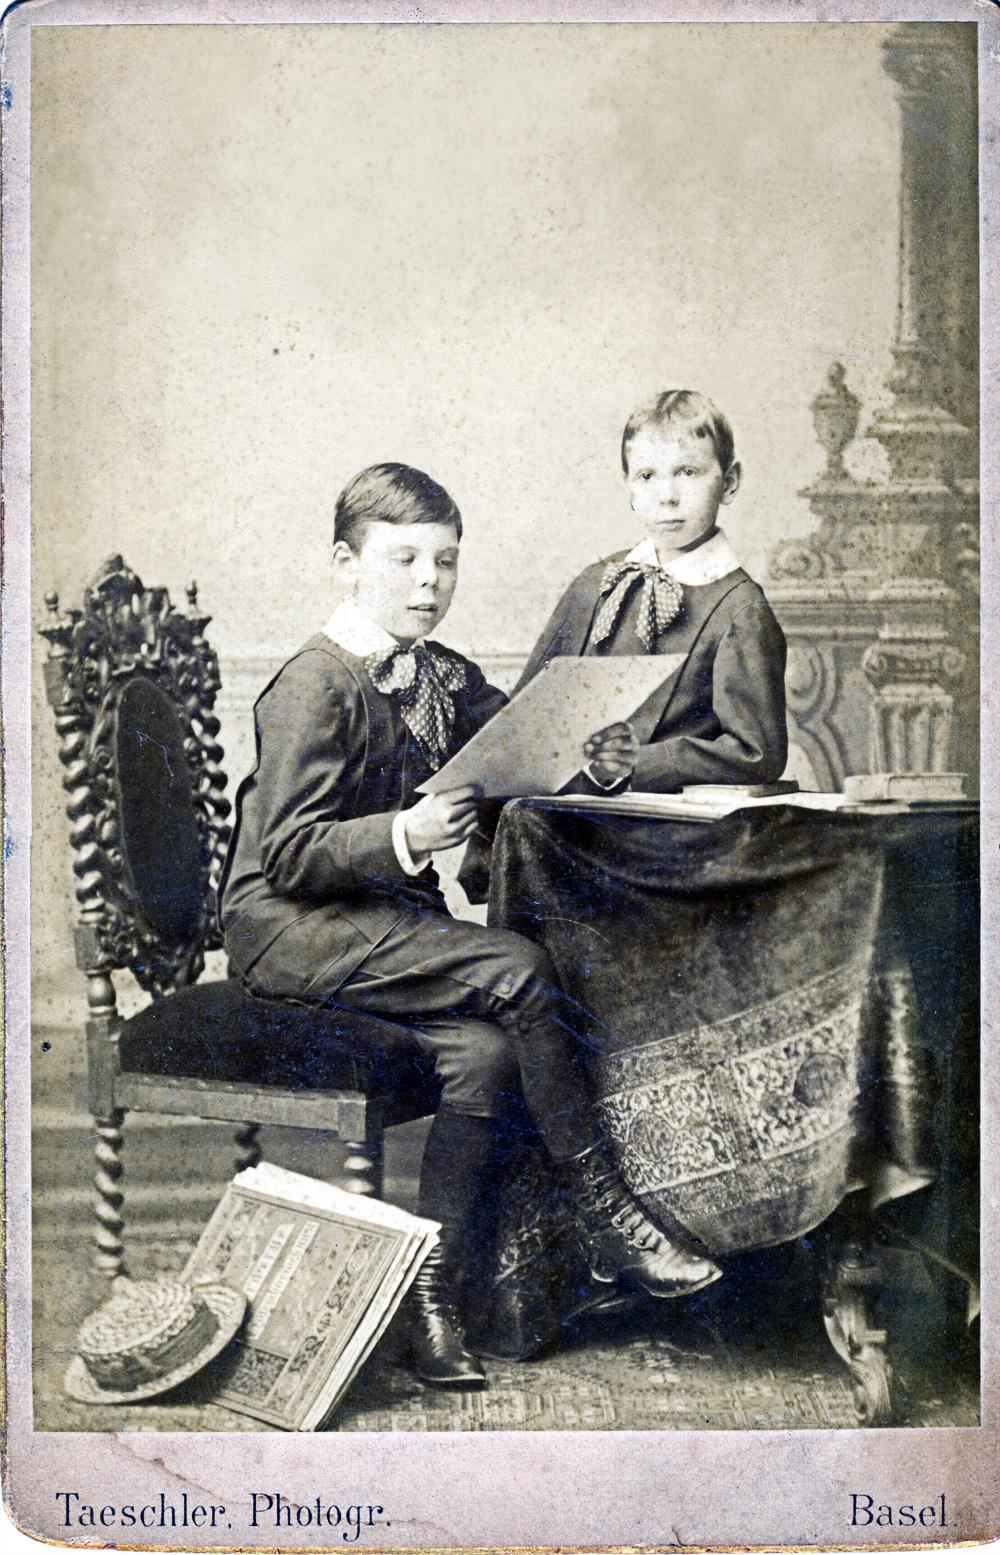 Christian et Daniel Karcher - Bâle - propablement 1884 ou 1885